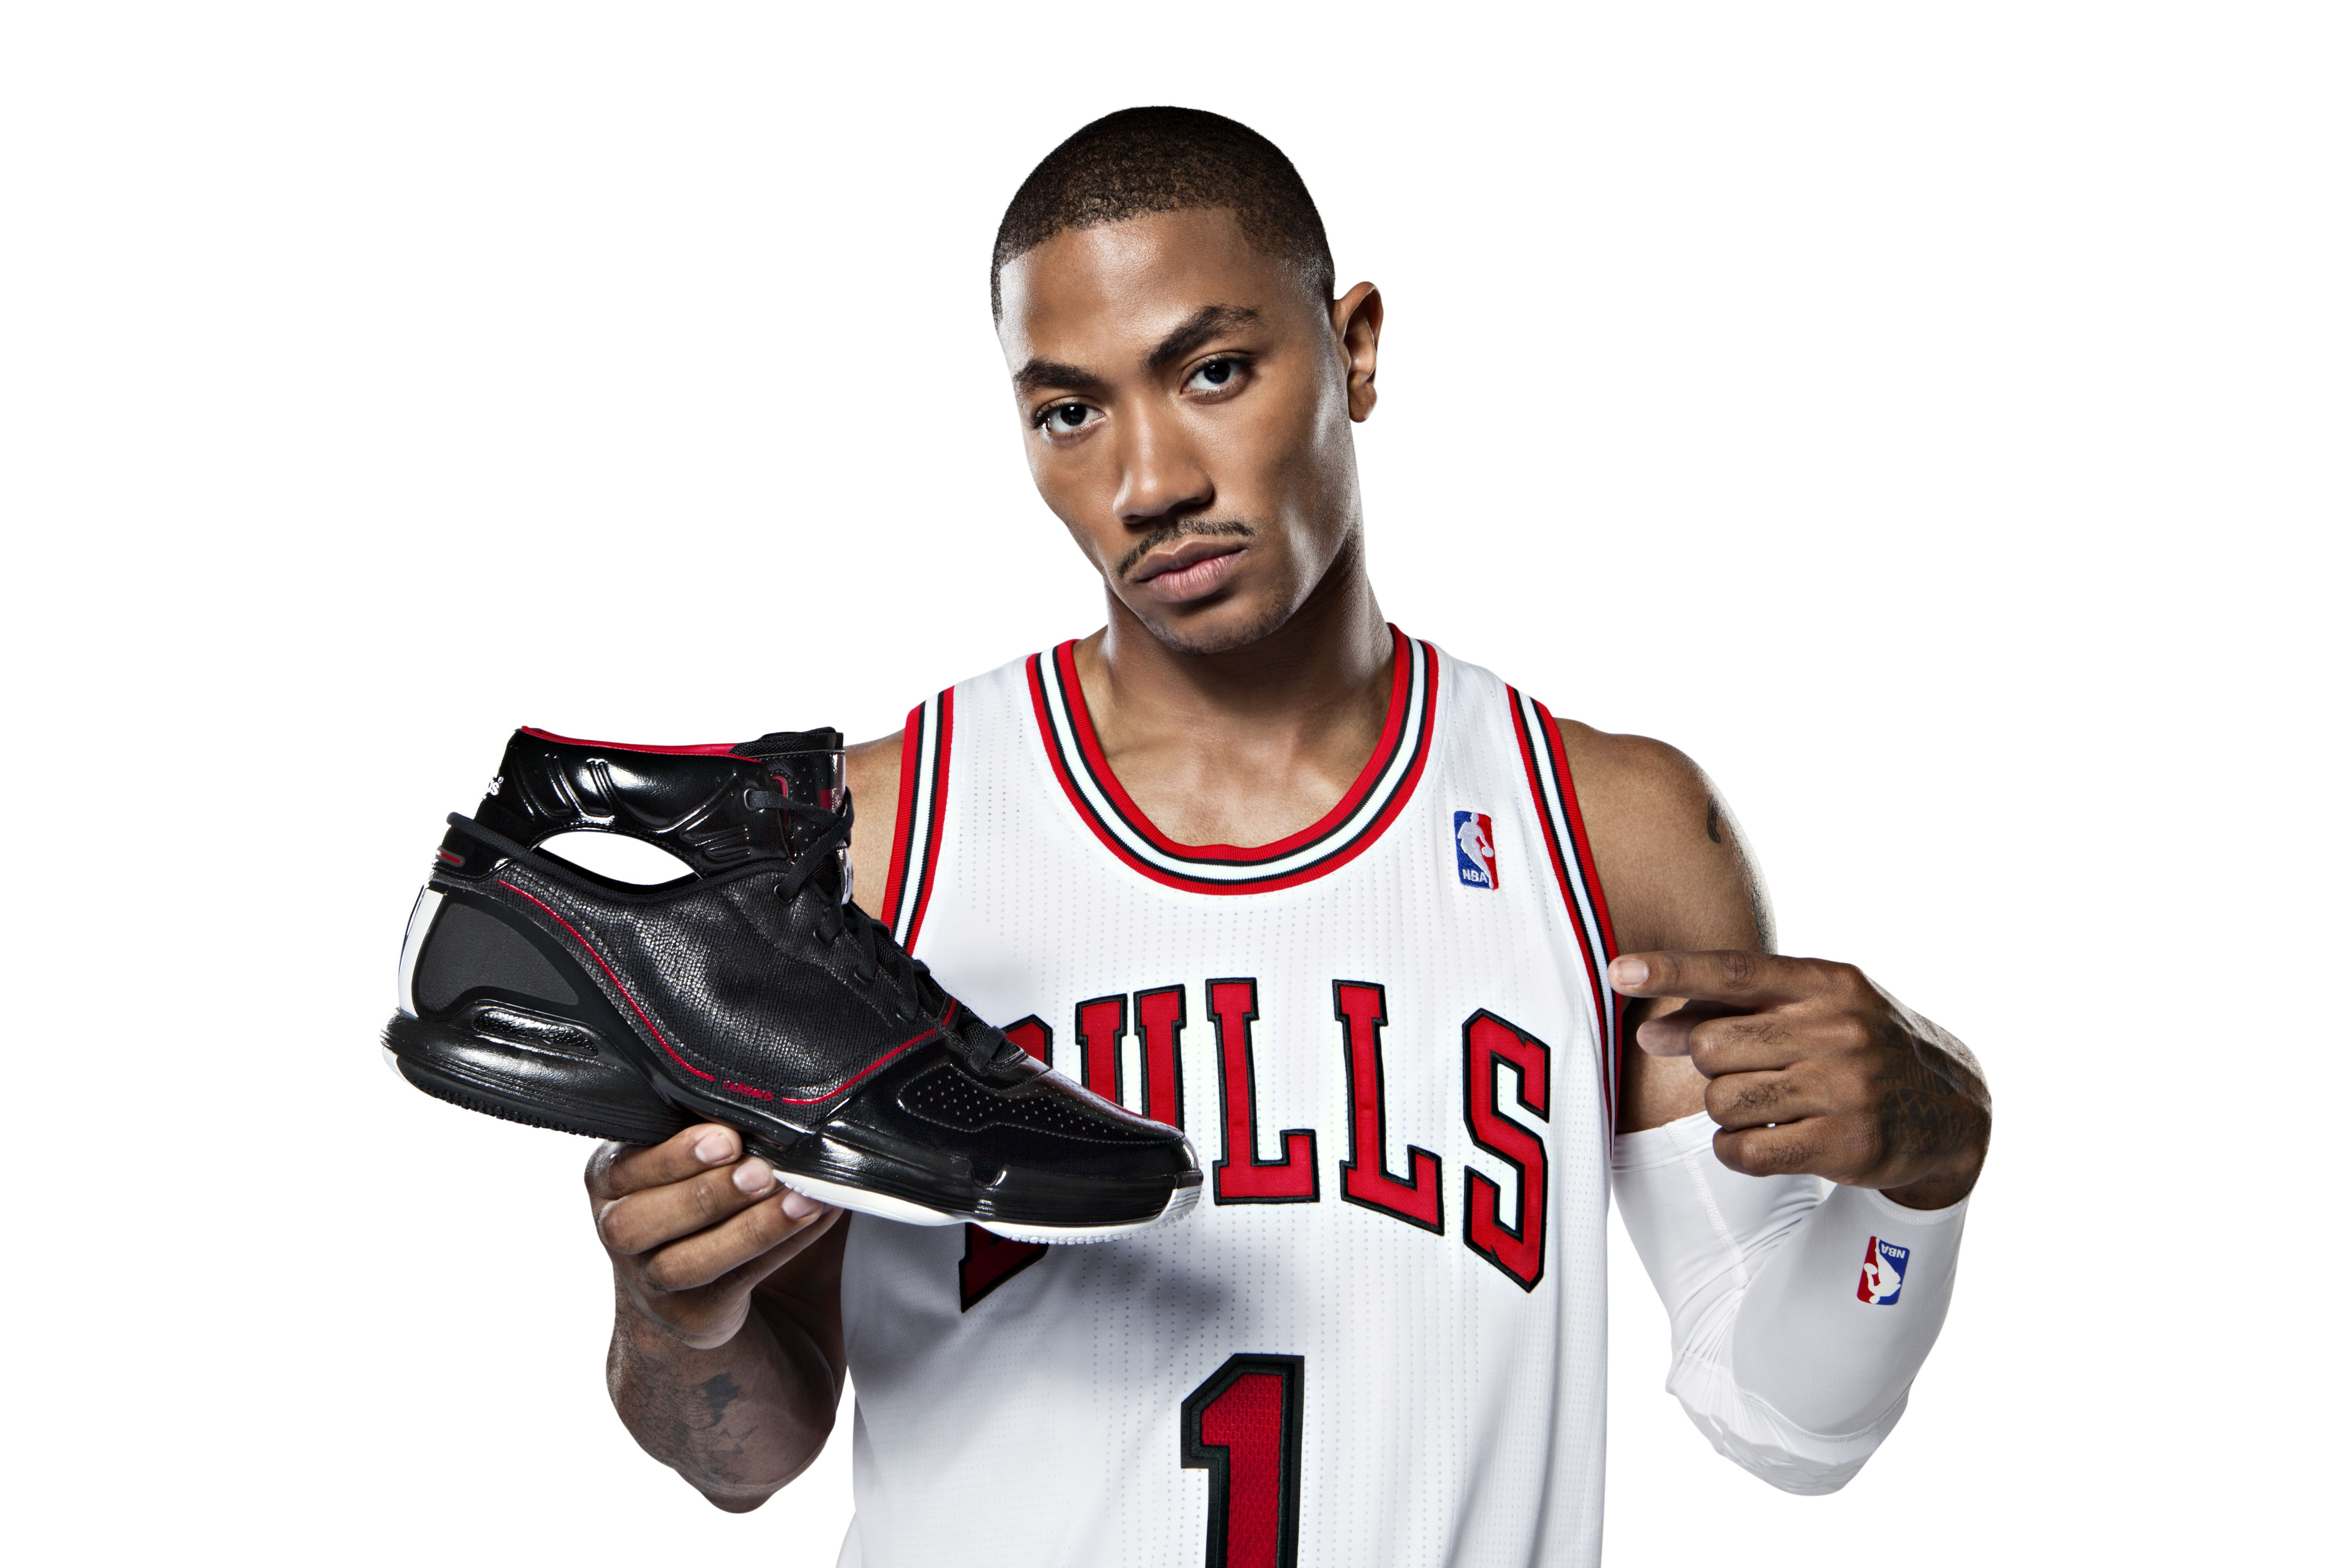 想得到愛迪達Adidas羅斯球鞋?只要跳得夠高!